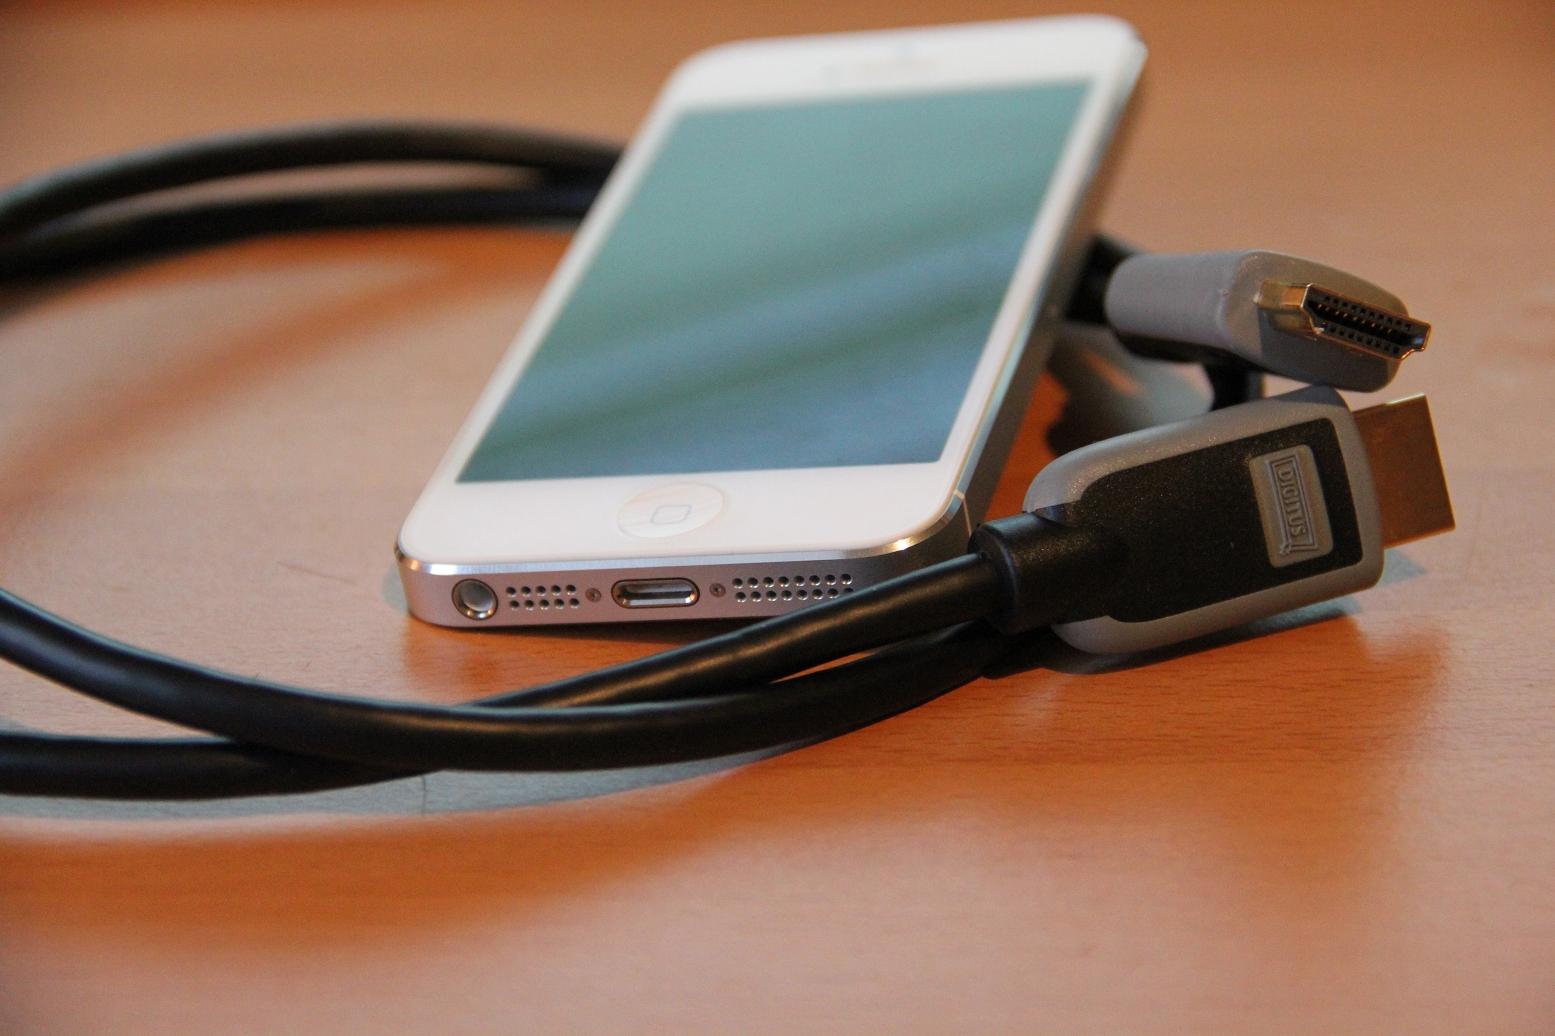 Grundig Fernseher Mit Laptop Verbinden : Iphone mit tv verbinden u2013 wie funktioniert es schnell und einfach